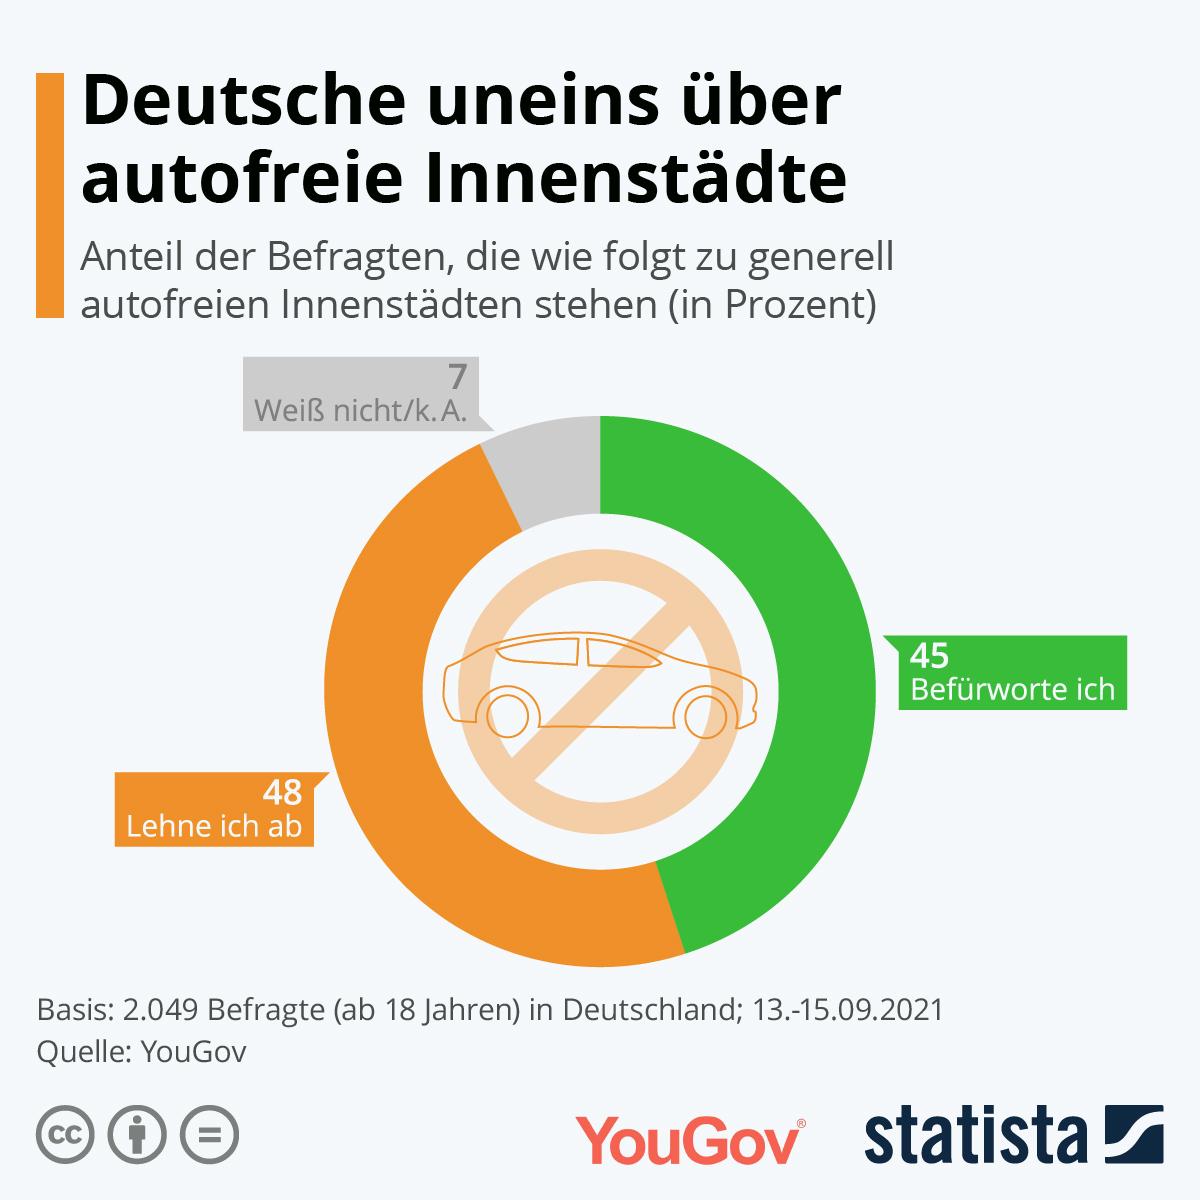 Autofreie Innenstädte?